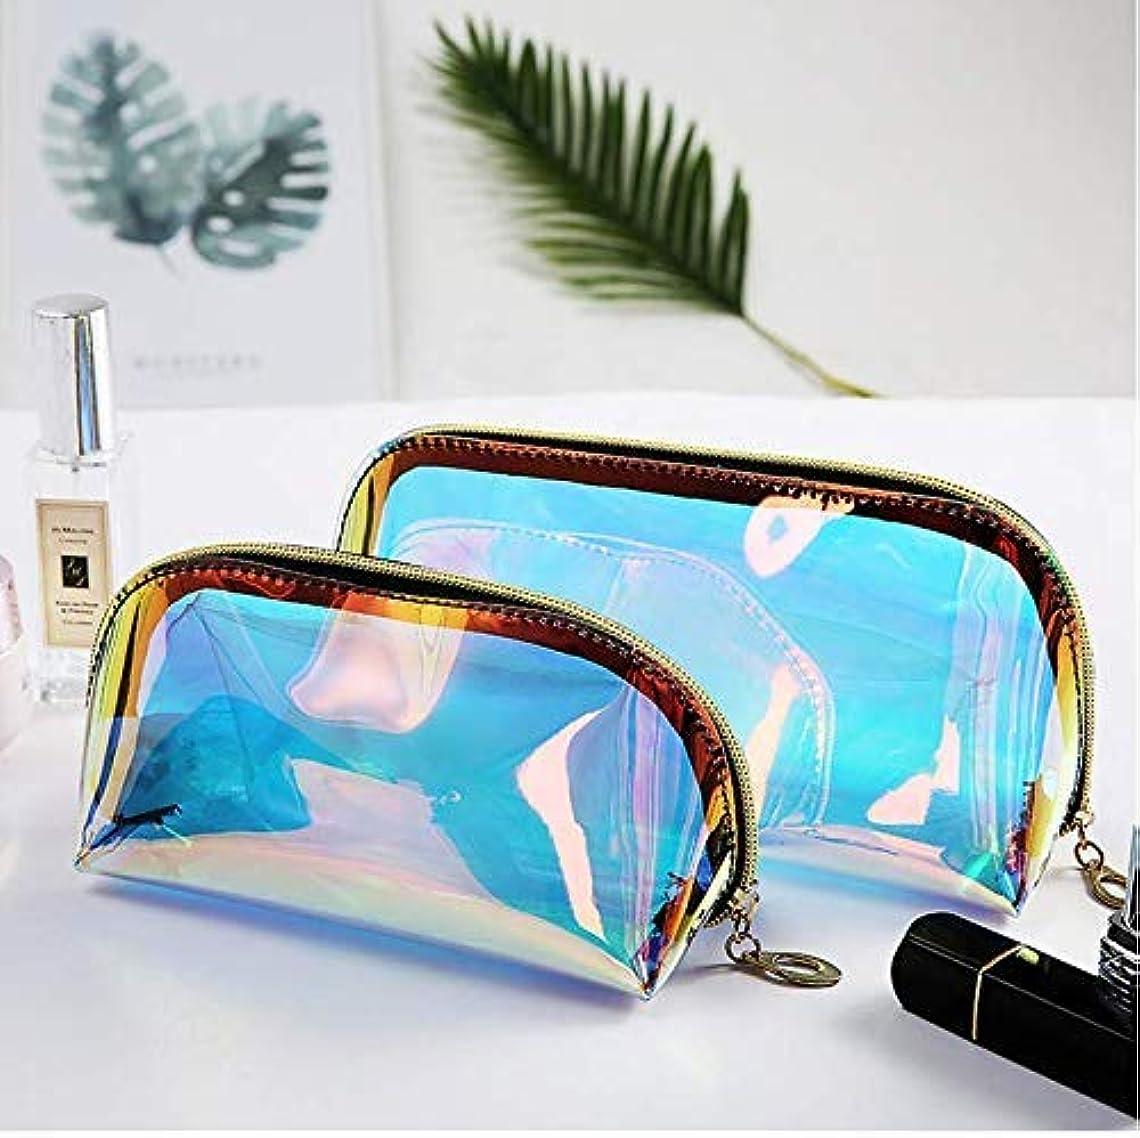 枯渇する懲らしめコンデンサーYiTongの2つのホログラフィックメイクアップバッグ虹色の化粧品ケースホログラムクラッチトイレタリーポーチハンディオーガナイザー透明な女性のイブニングバッグ(大小)